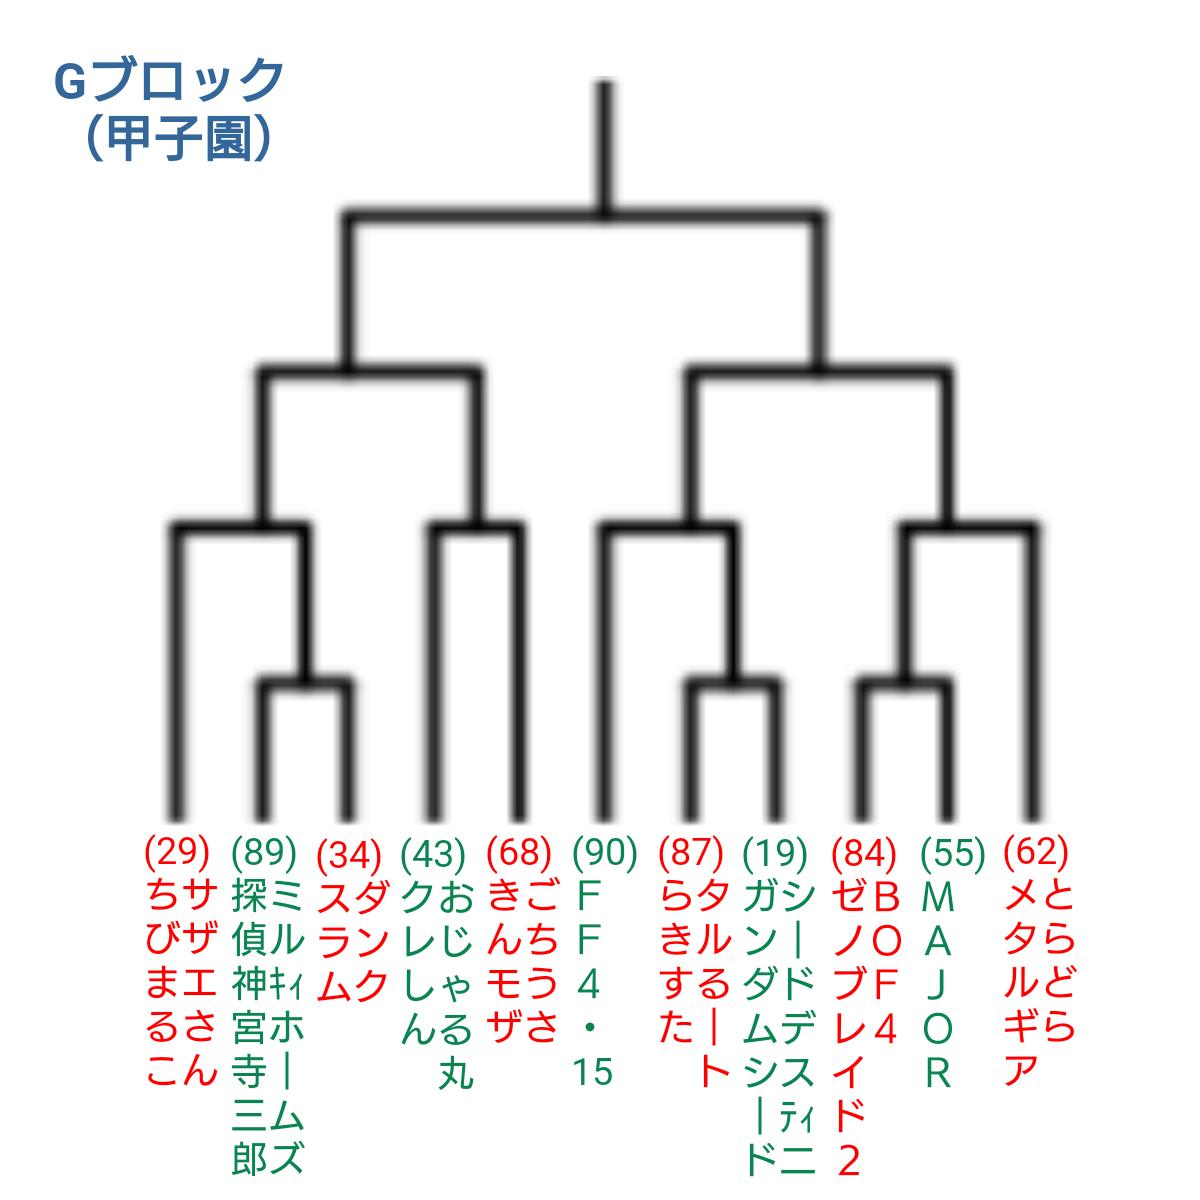 f:id:kinokomagic:20201230024341p:plain